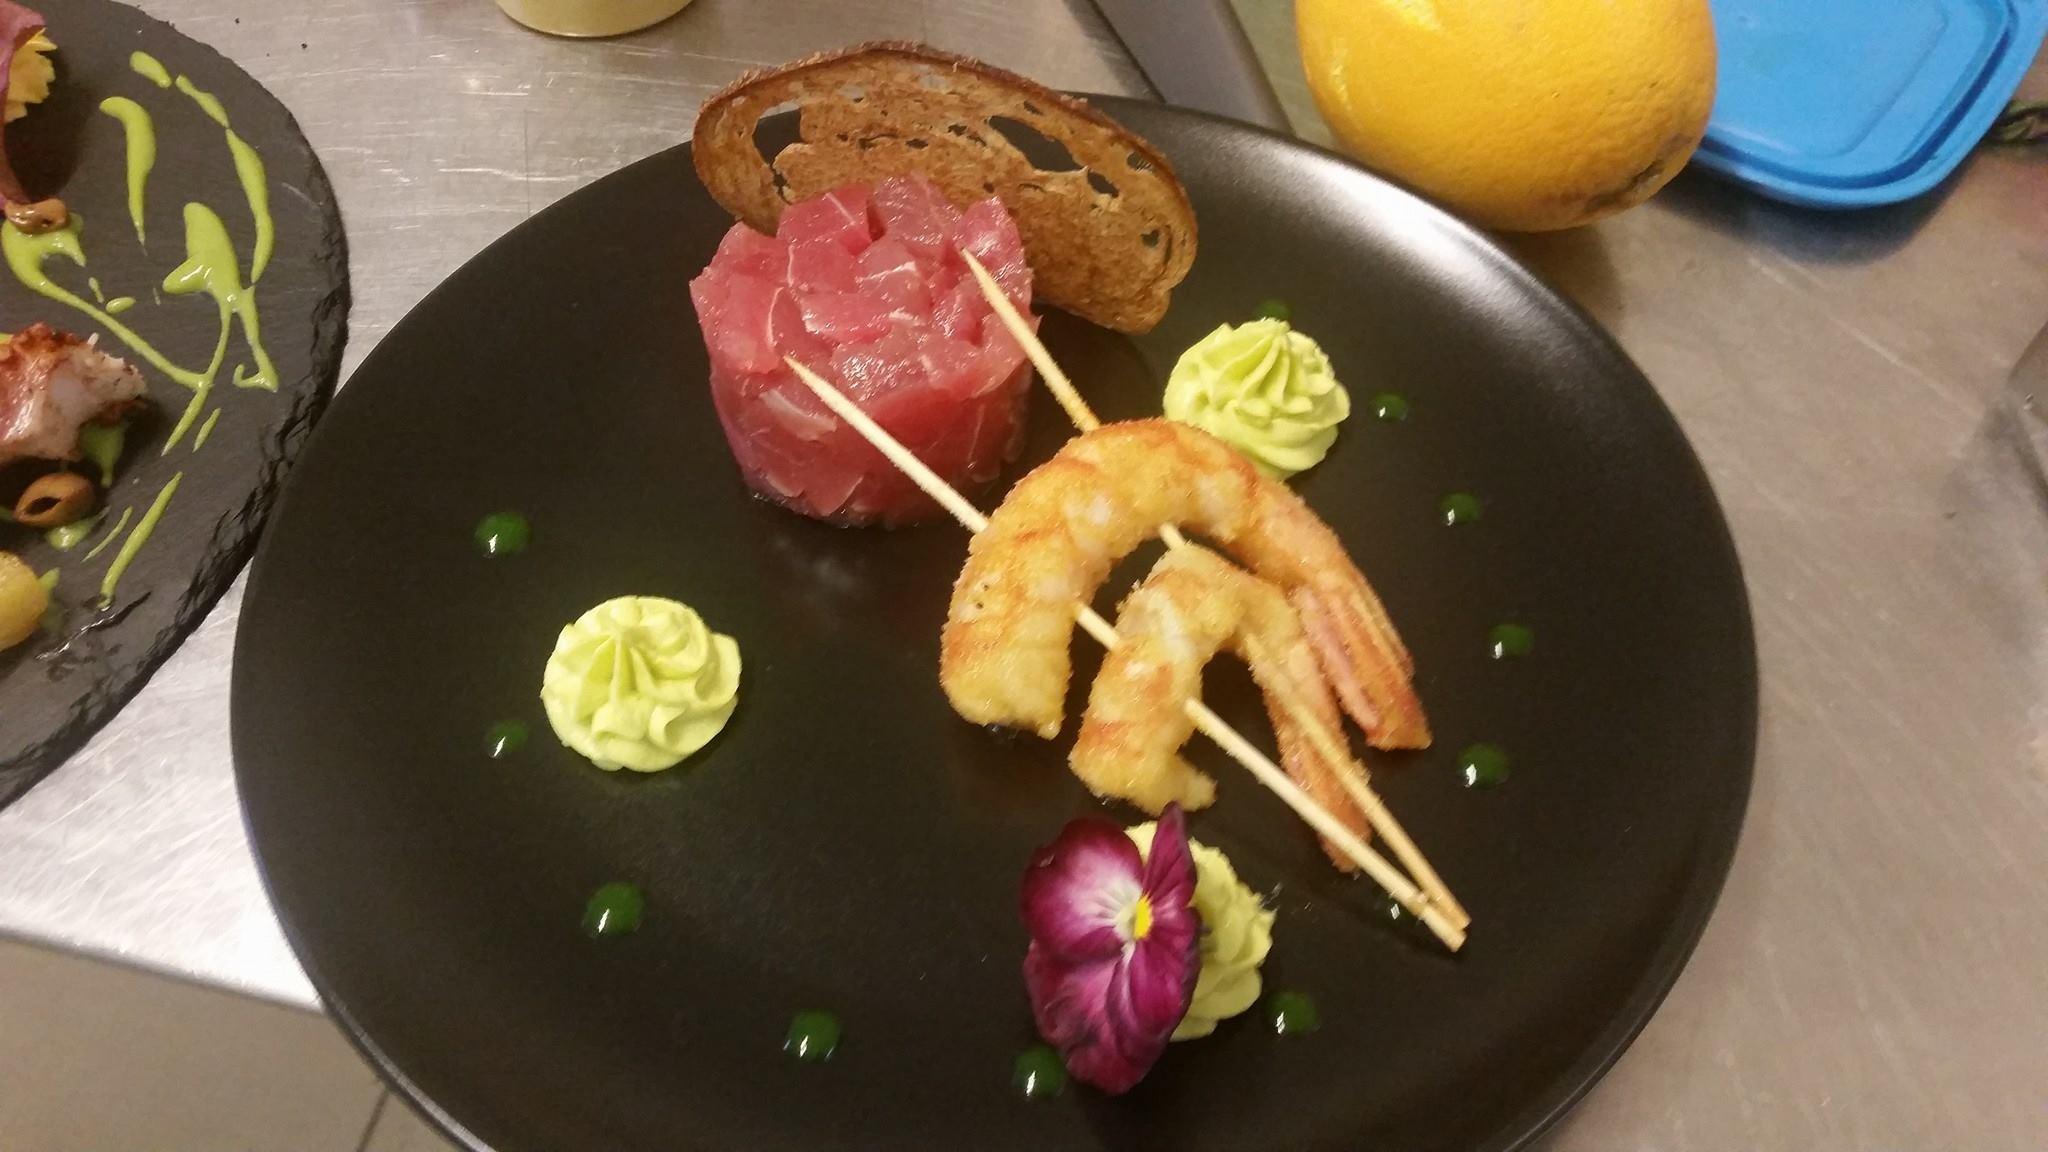 spiedini di gamberi, con tartare di carne, fetta di pane, mousse e fiori nel piatto